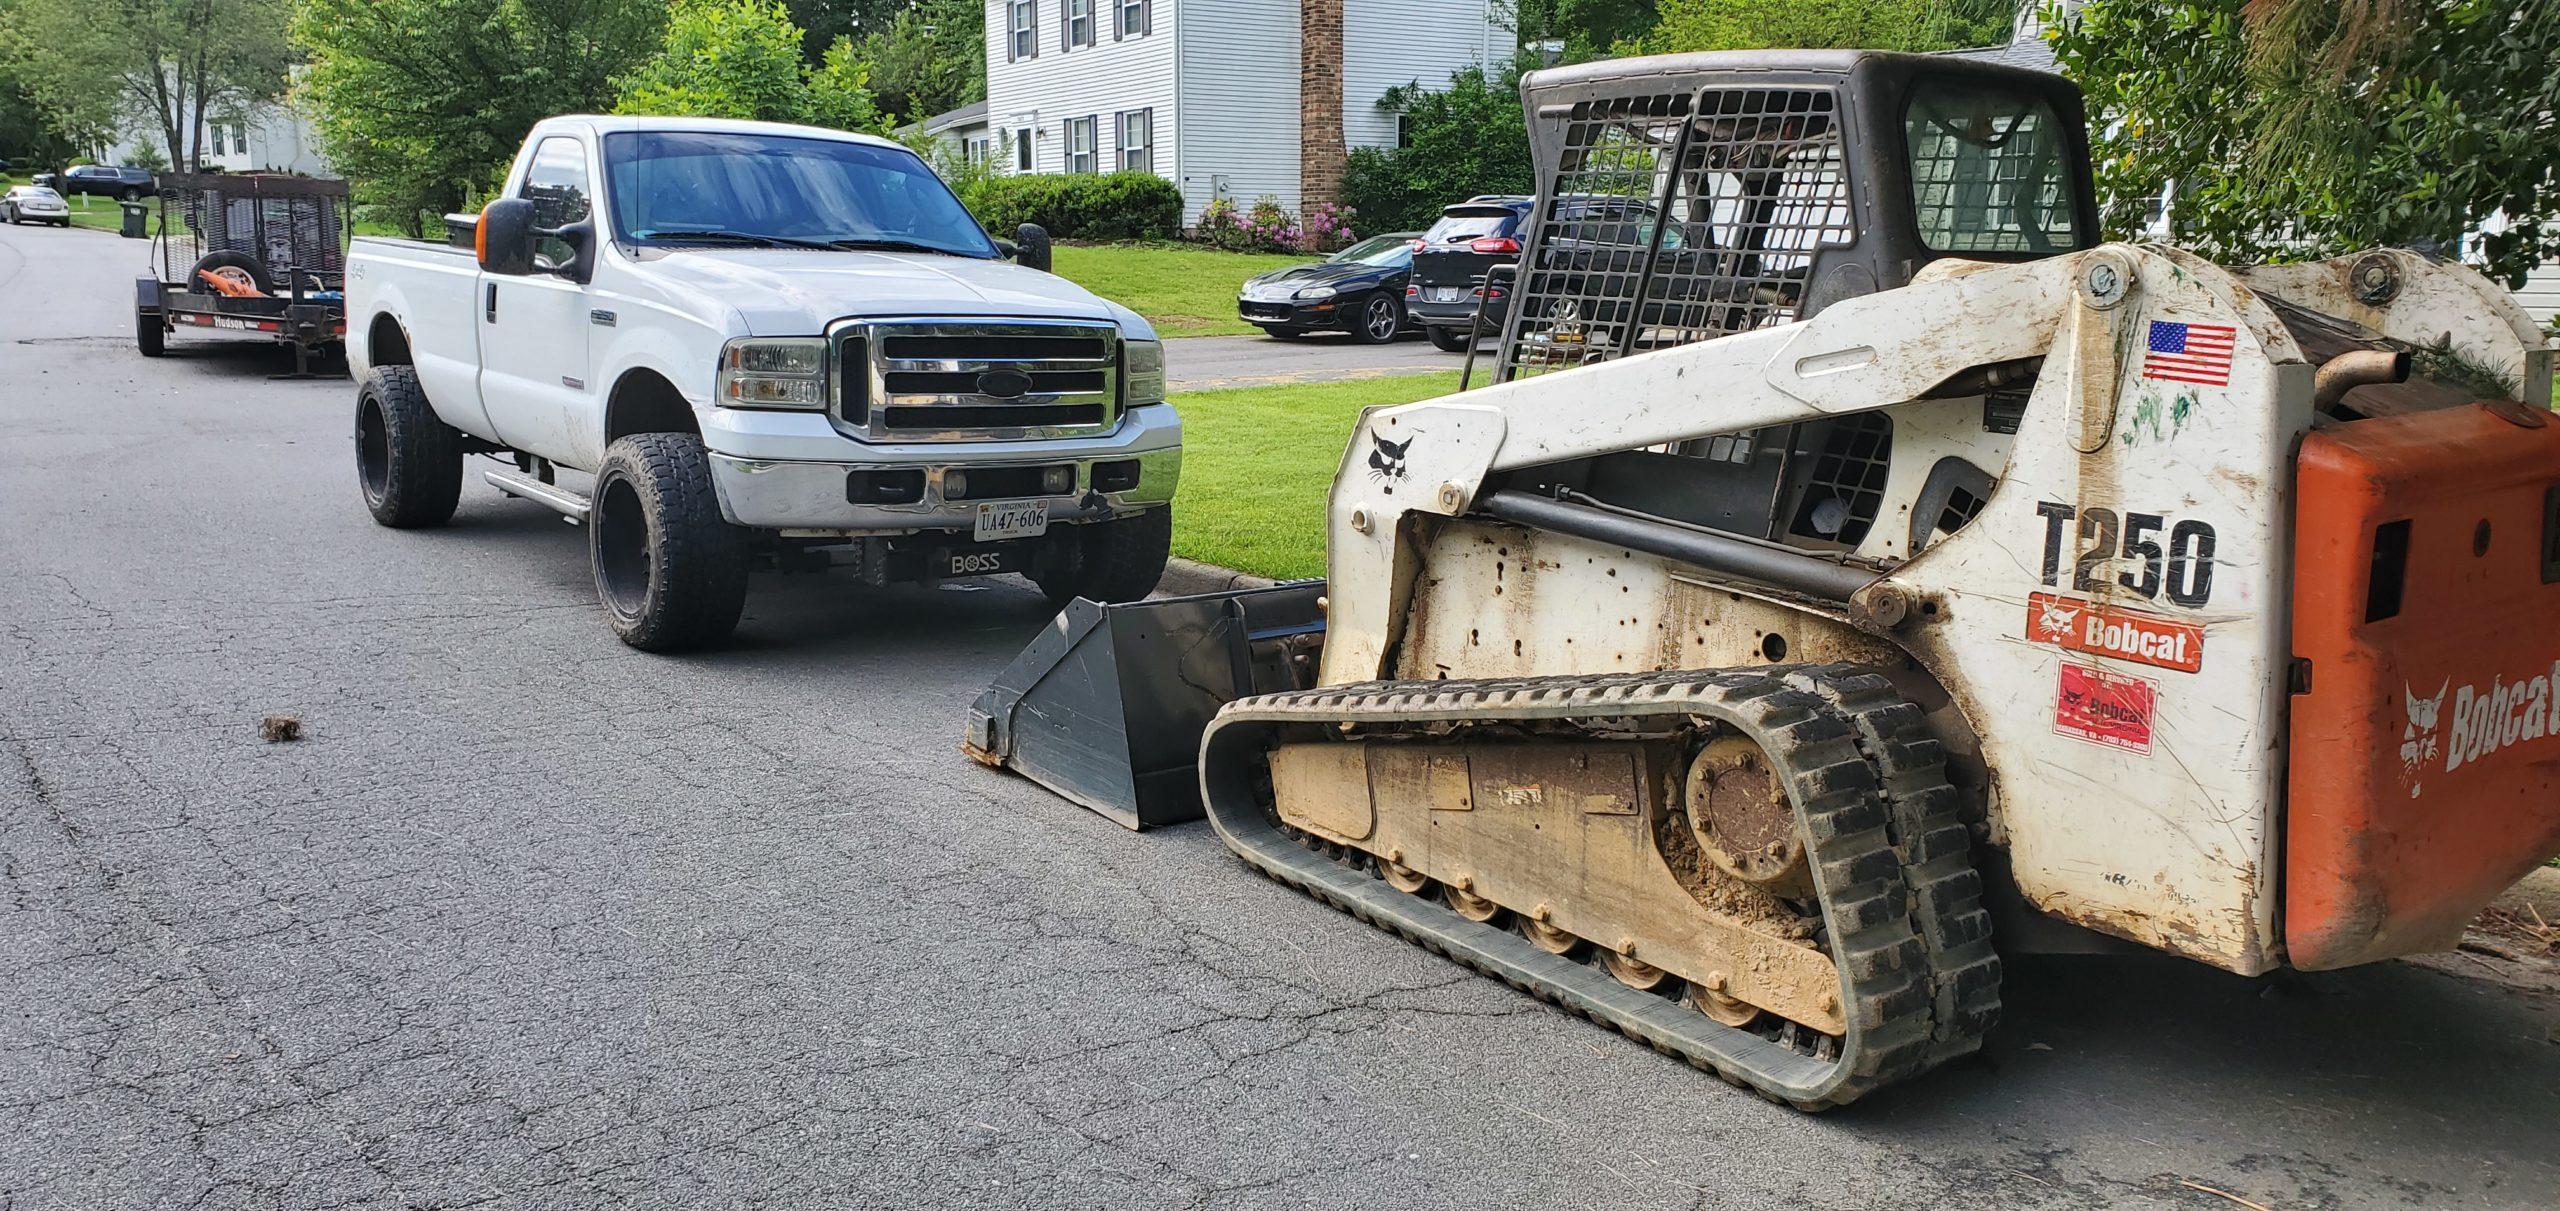 bobcat rental includes trailer, truck and T-250 Bobcat loader